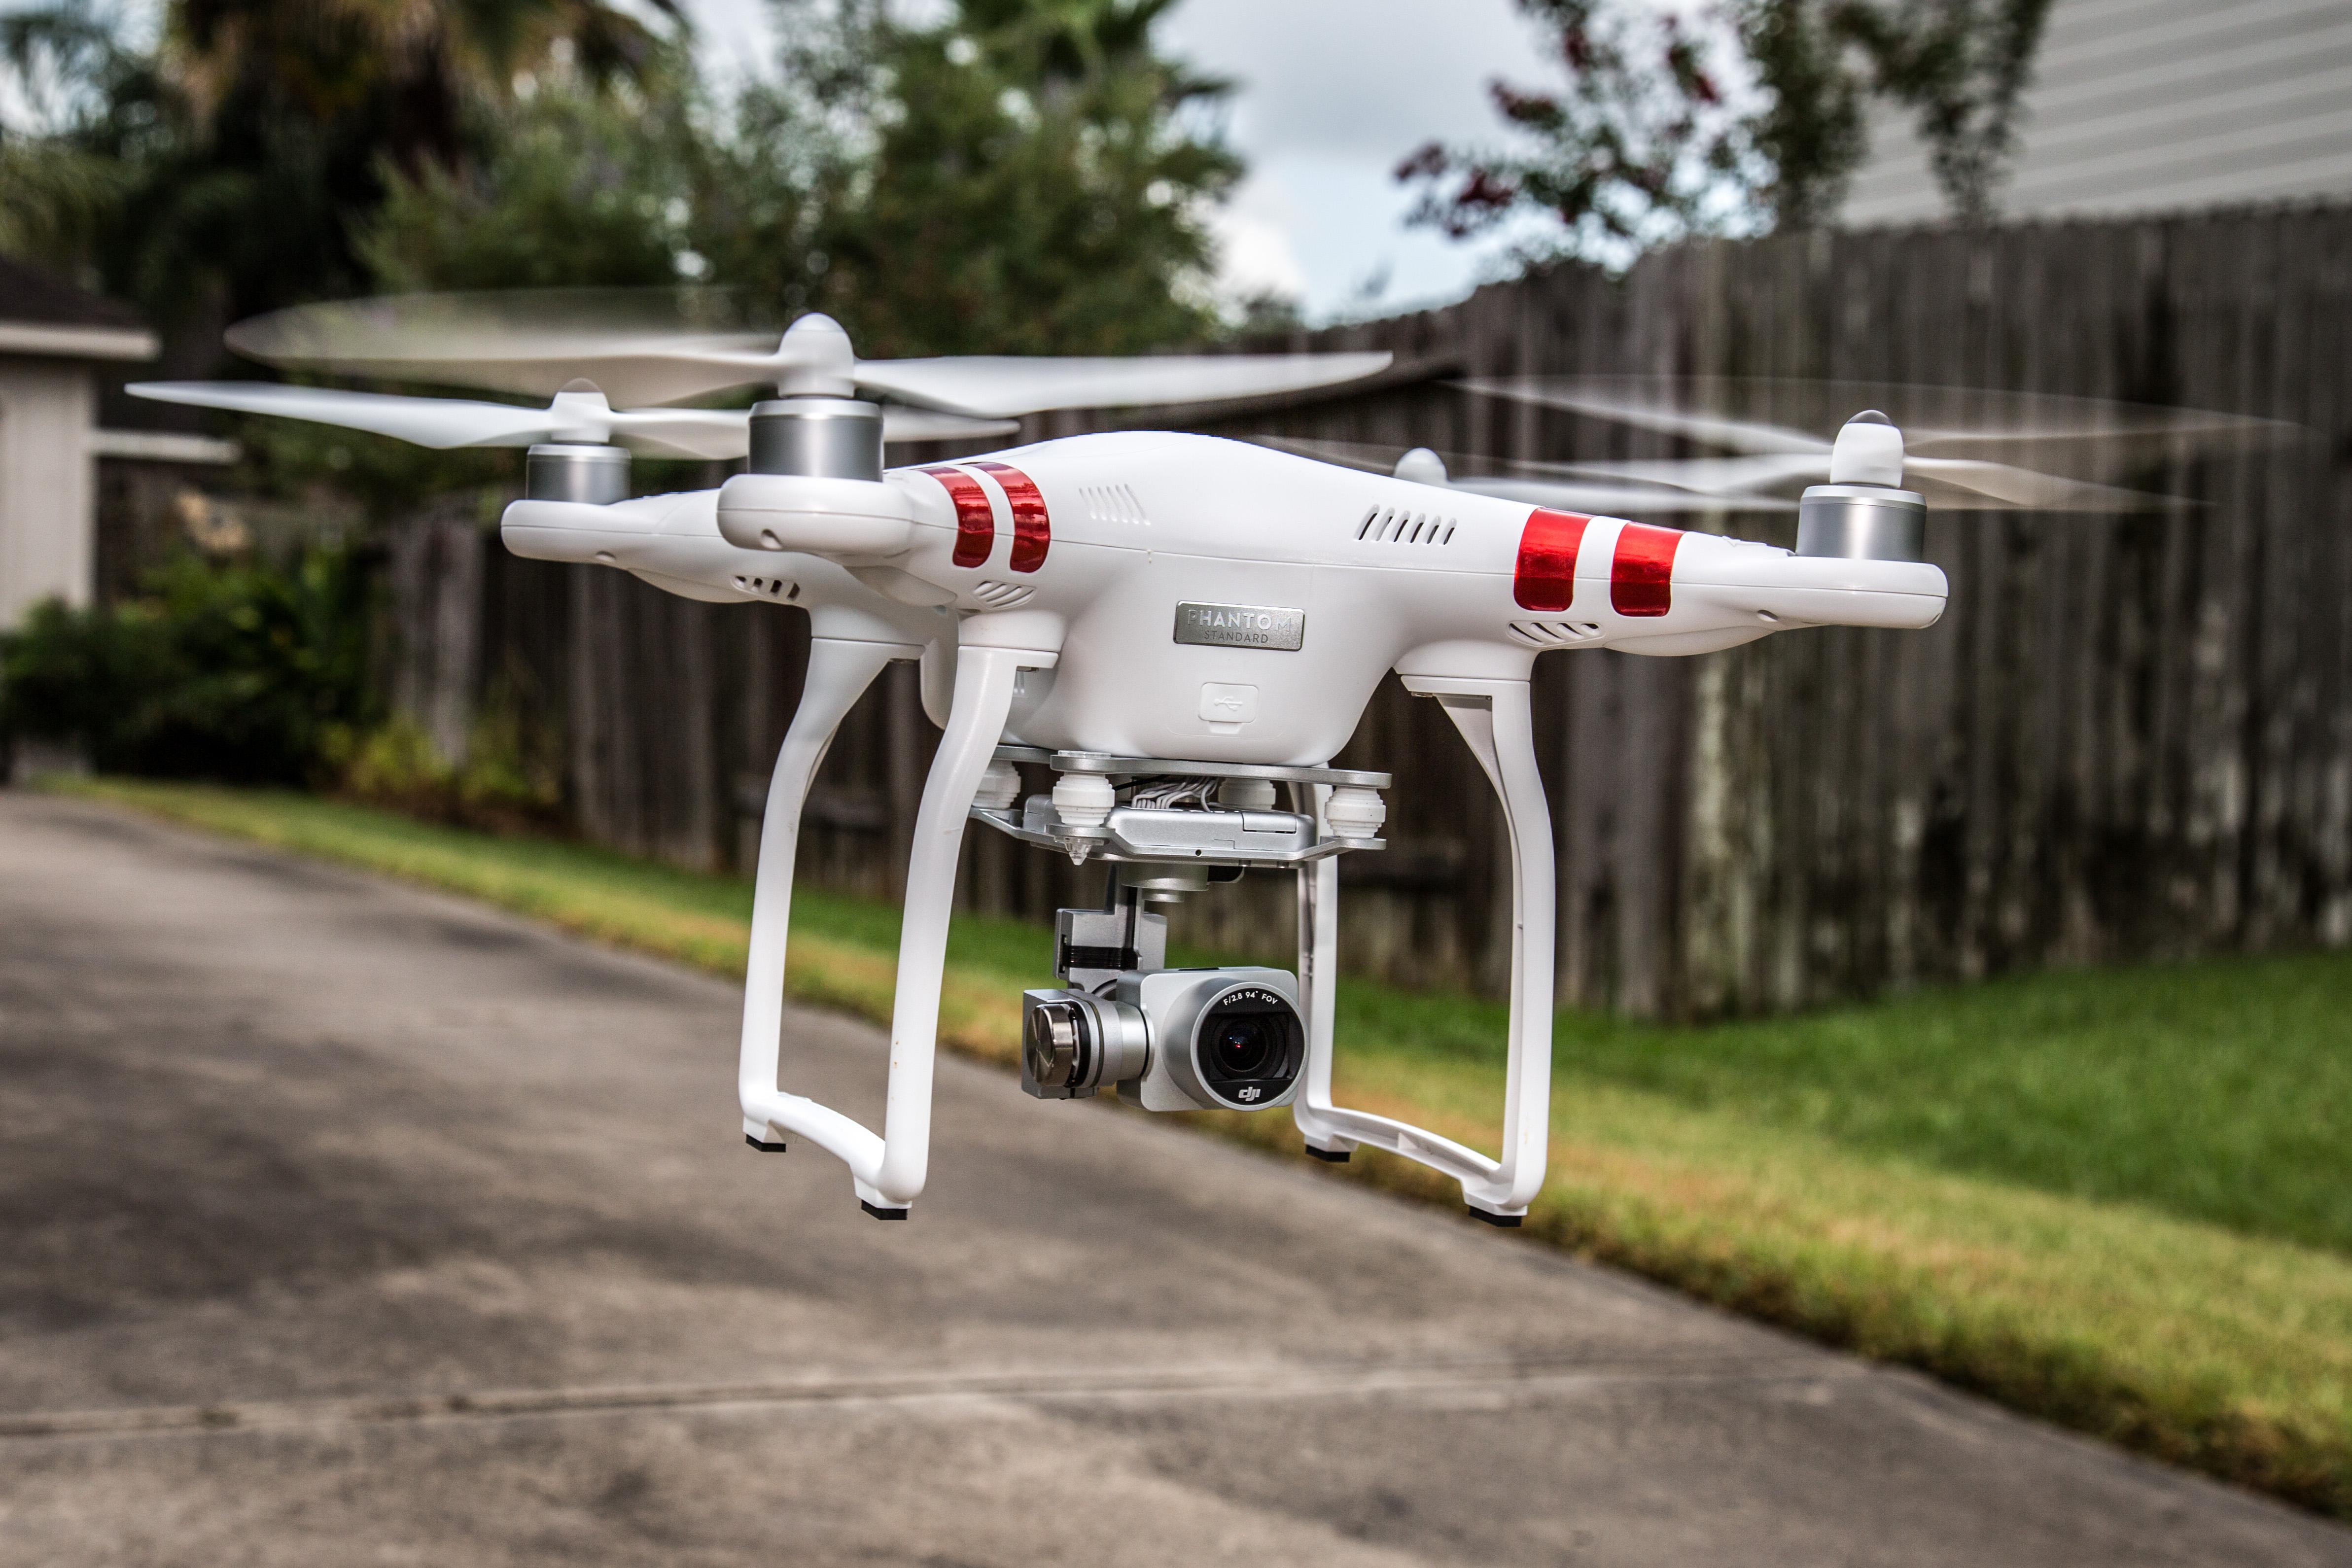 Квадрокоптер фантом 3 видео купить очки dji для вош в абакан